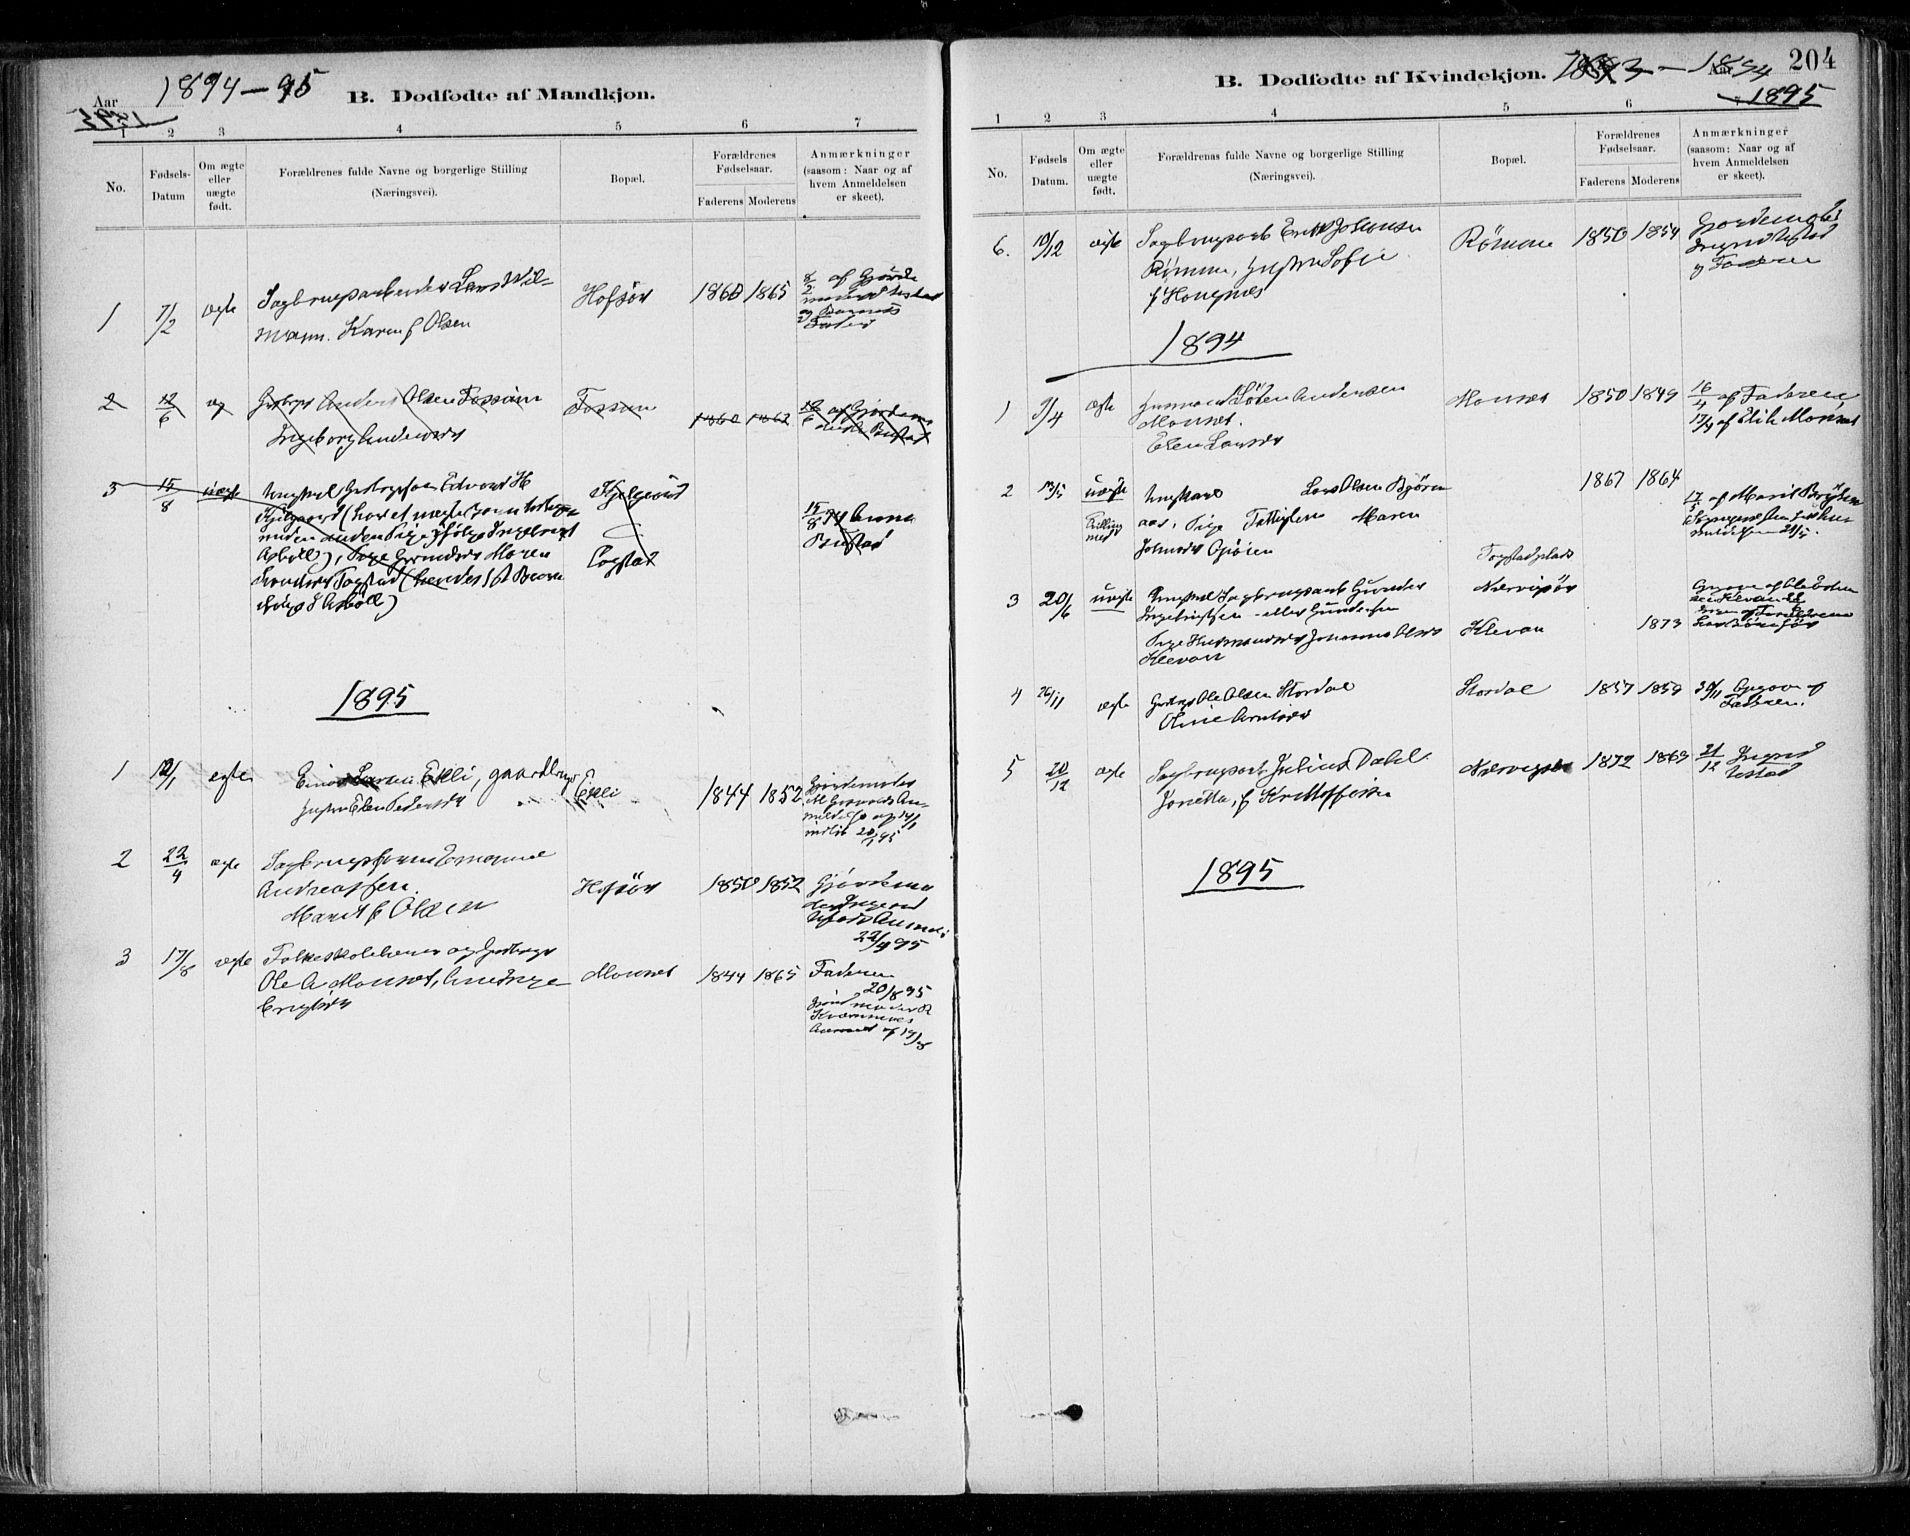 SAT, Ministerialprotokoller, klokkerbøker og fødselsregistre - Sør-Trøndelag, 668/L0809: Ministerialbok nr. 668A09, 1881-1895, s. 204